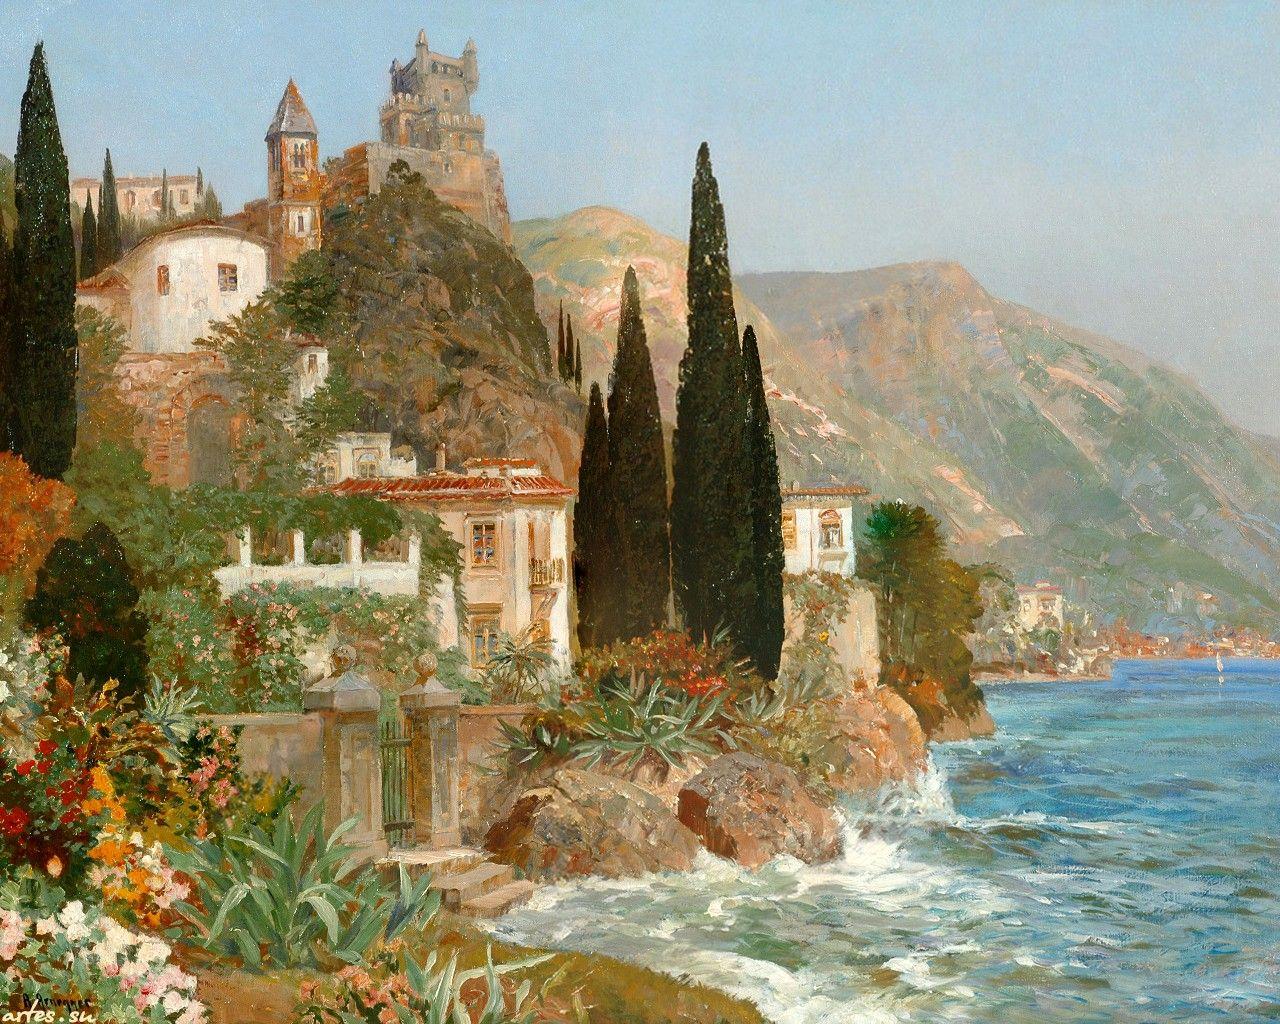 средиземноморский пейзаж фото дзуар покровитель молодоженов